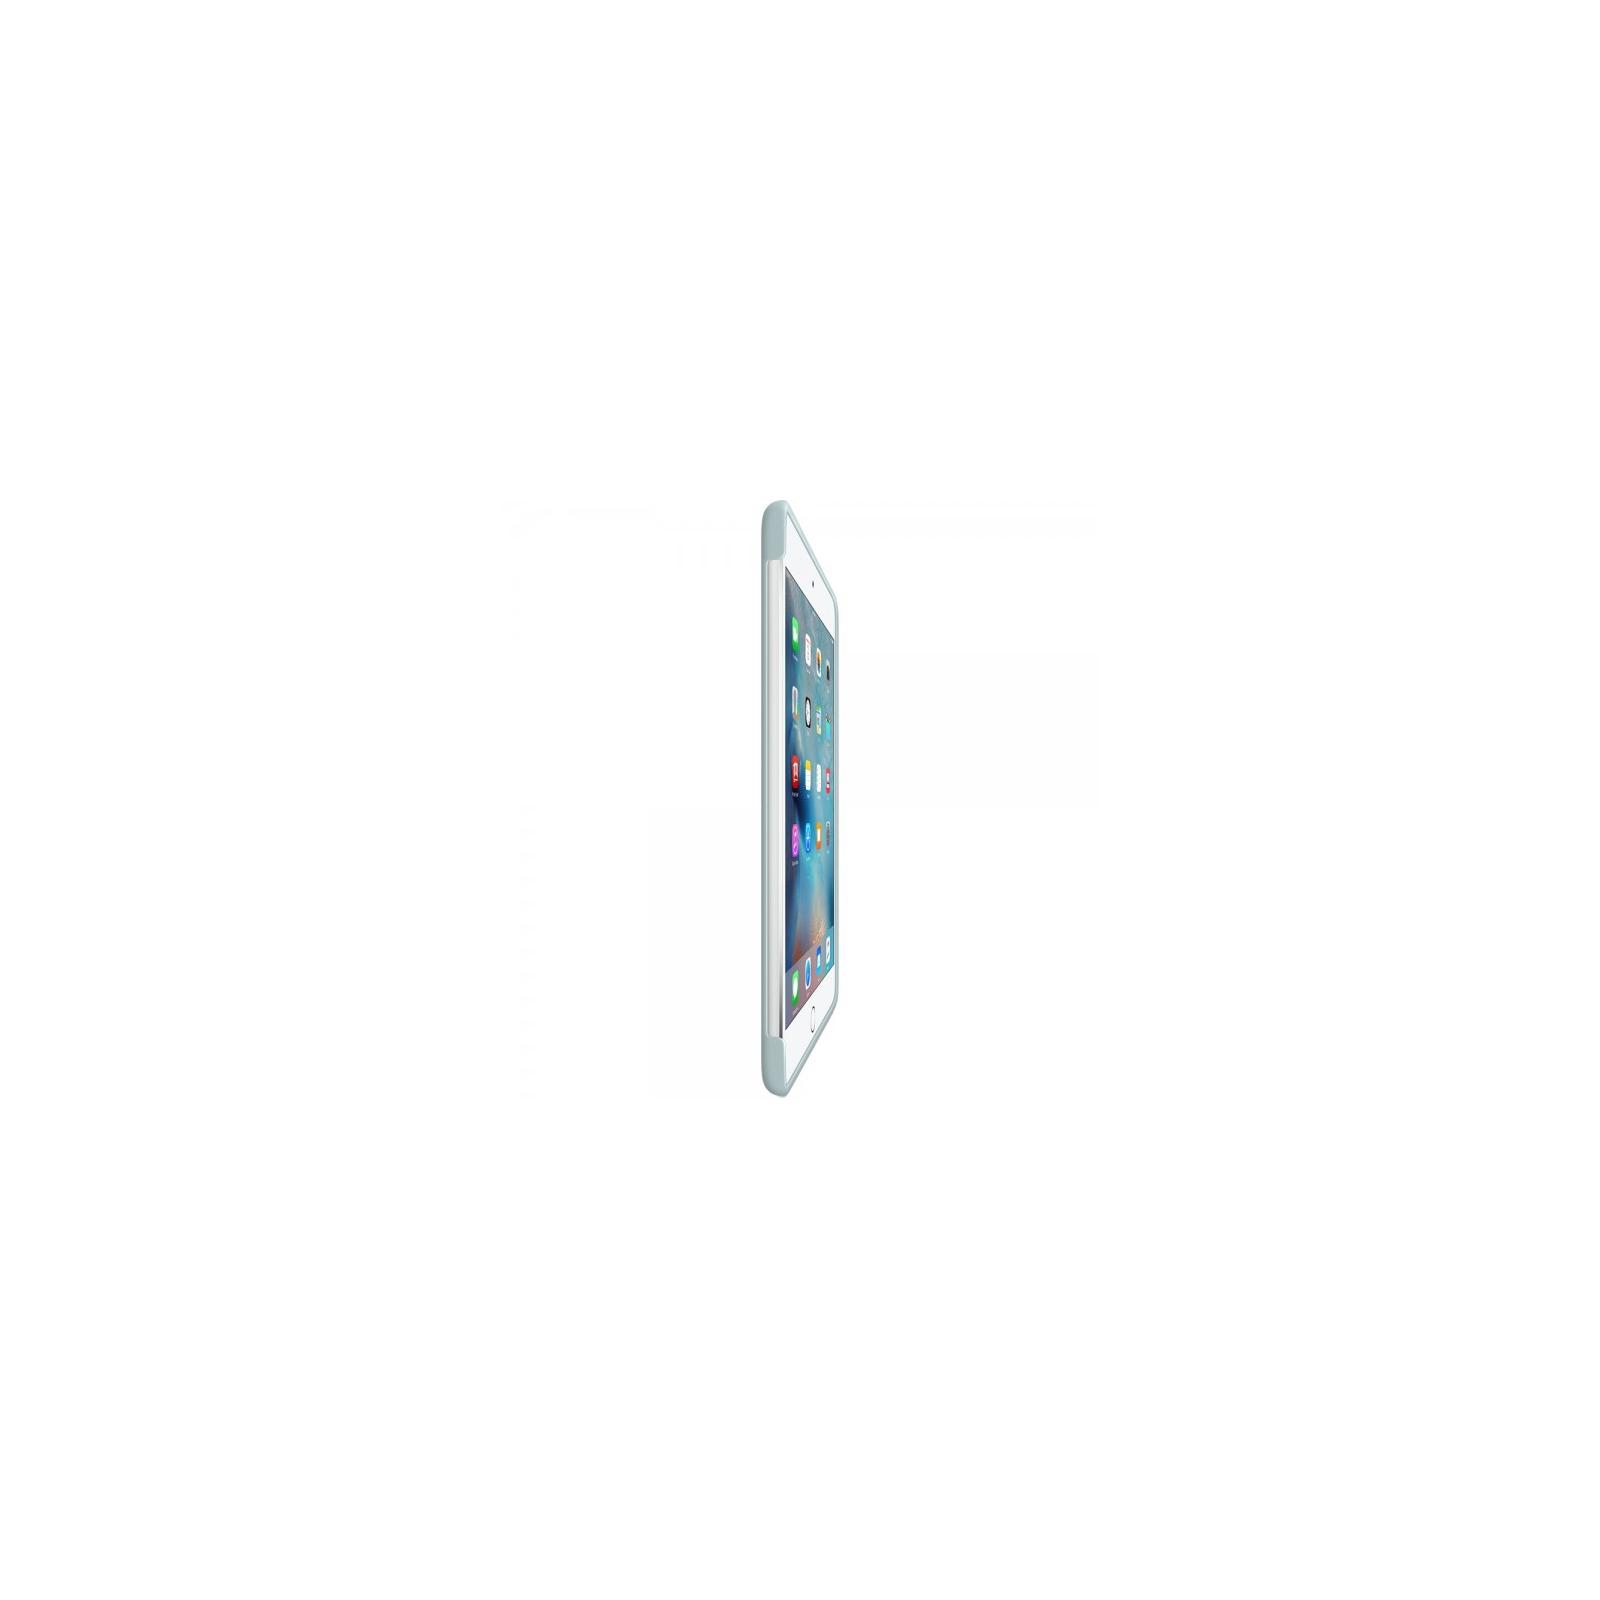 Чехол для планшета Apple iPad mini 4 Turquoise (MLD72ZM/A) изображение 3